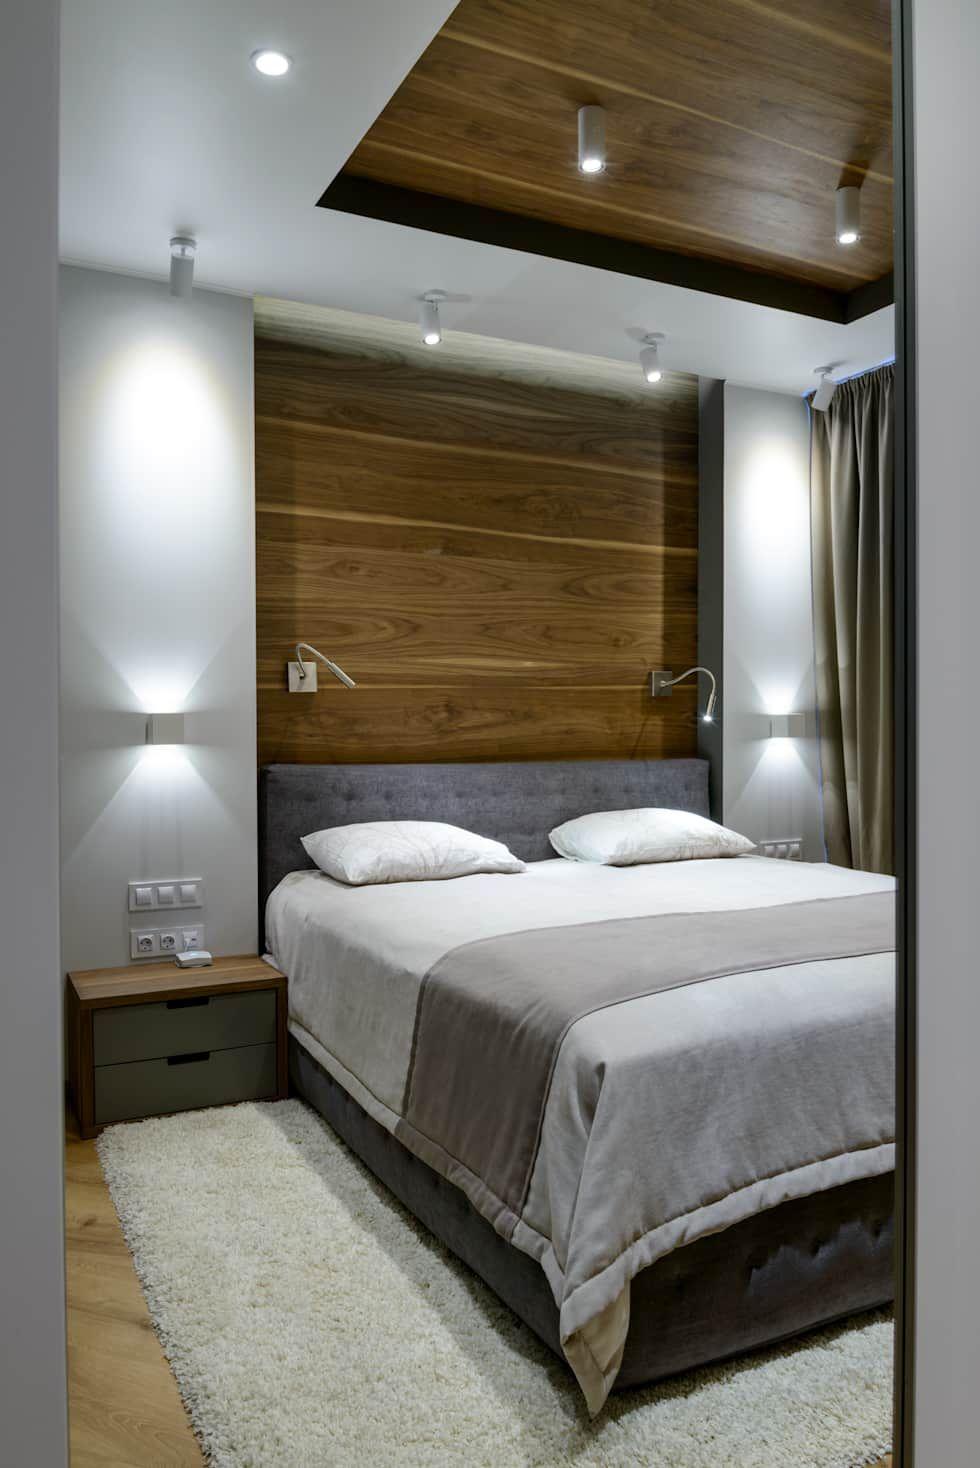 Topos Apartments 105 Q M Minimalistische Schlafzimmer Von Nadine Buslaeva Interior Design Minimalistisch Homify Schlafzimmer Einrichten Wohn Design Wohnungseinrichtung